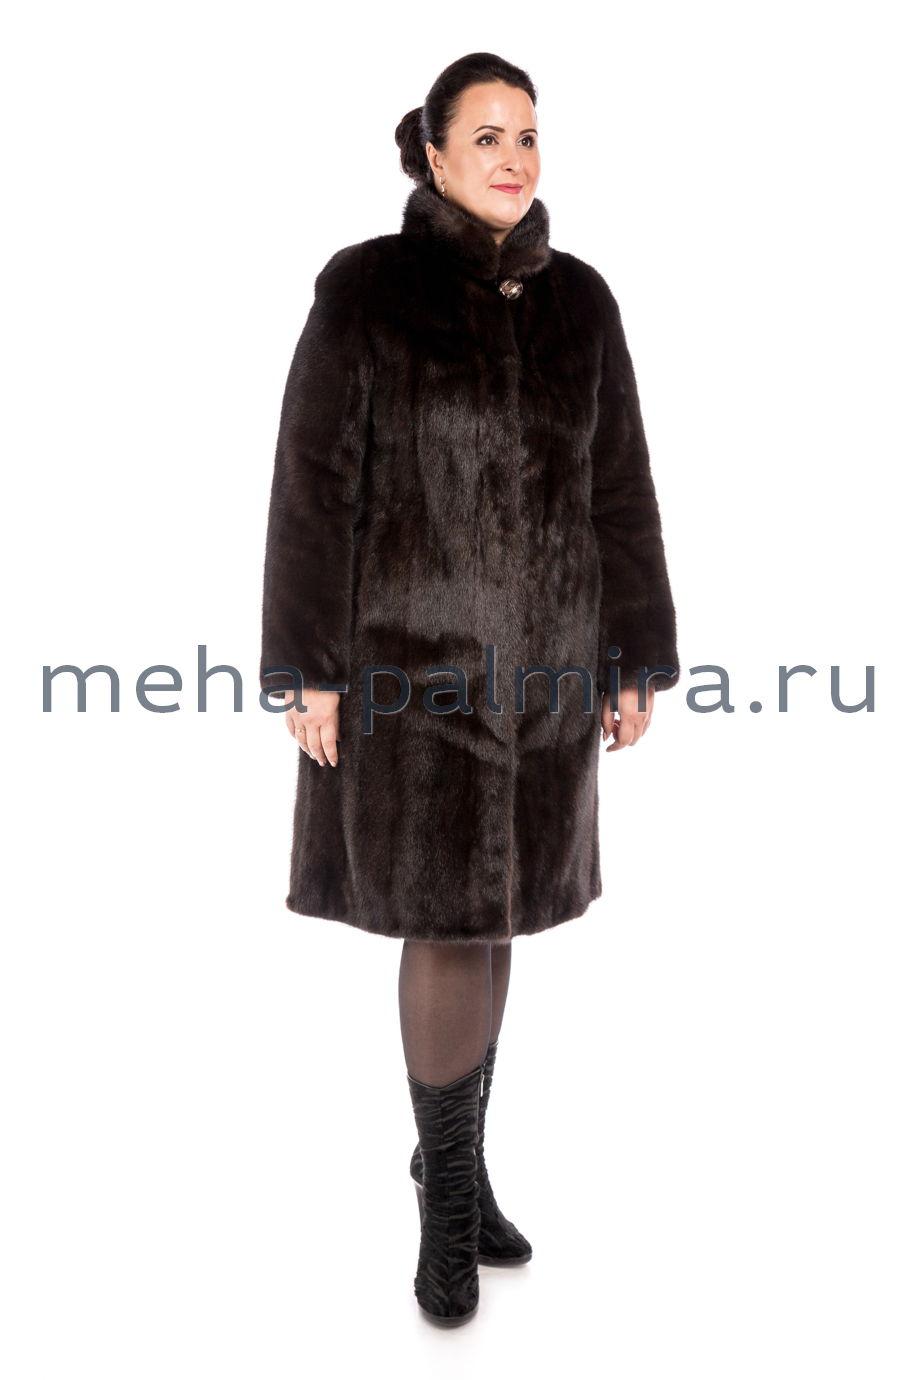 Прямая норковая шуба с воротником стойкой, коричневая